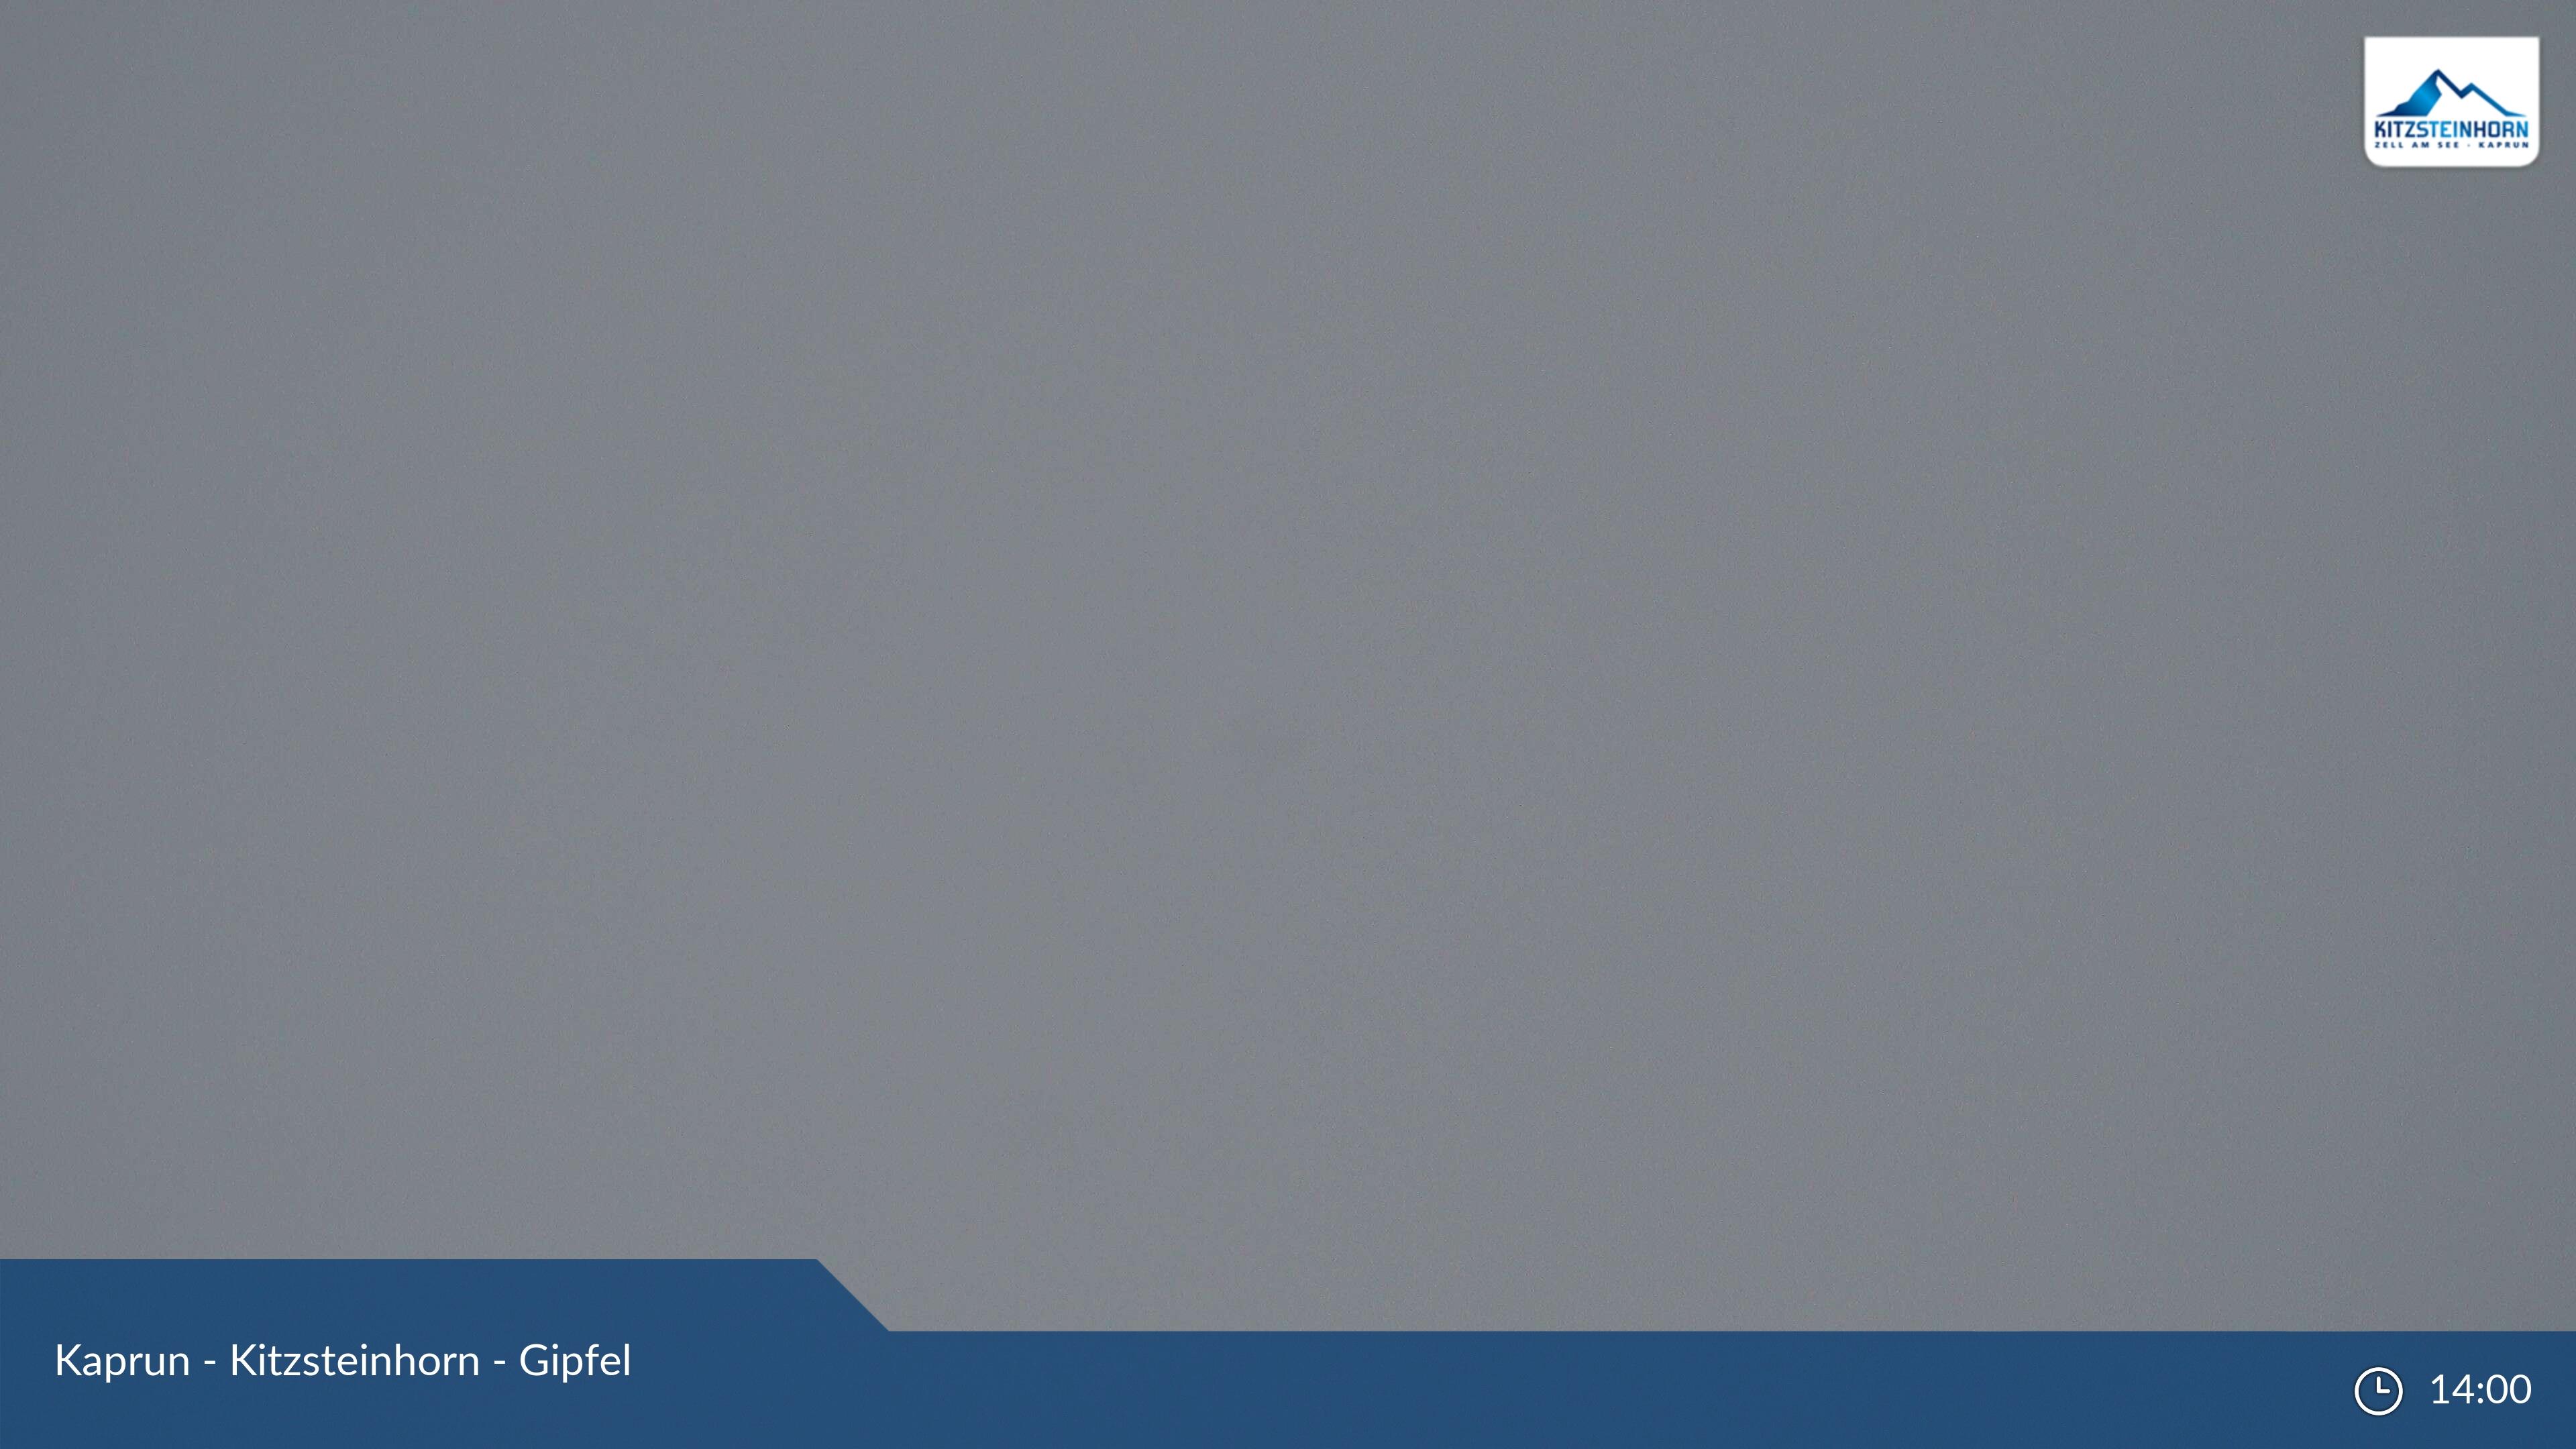 Zell am See - Kaprun, Kitzsteinhorn - Gipfel